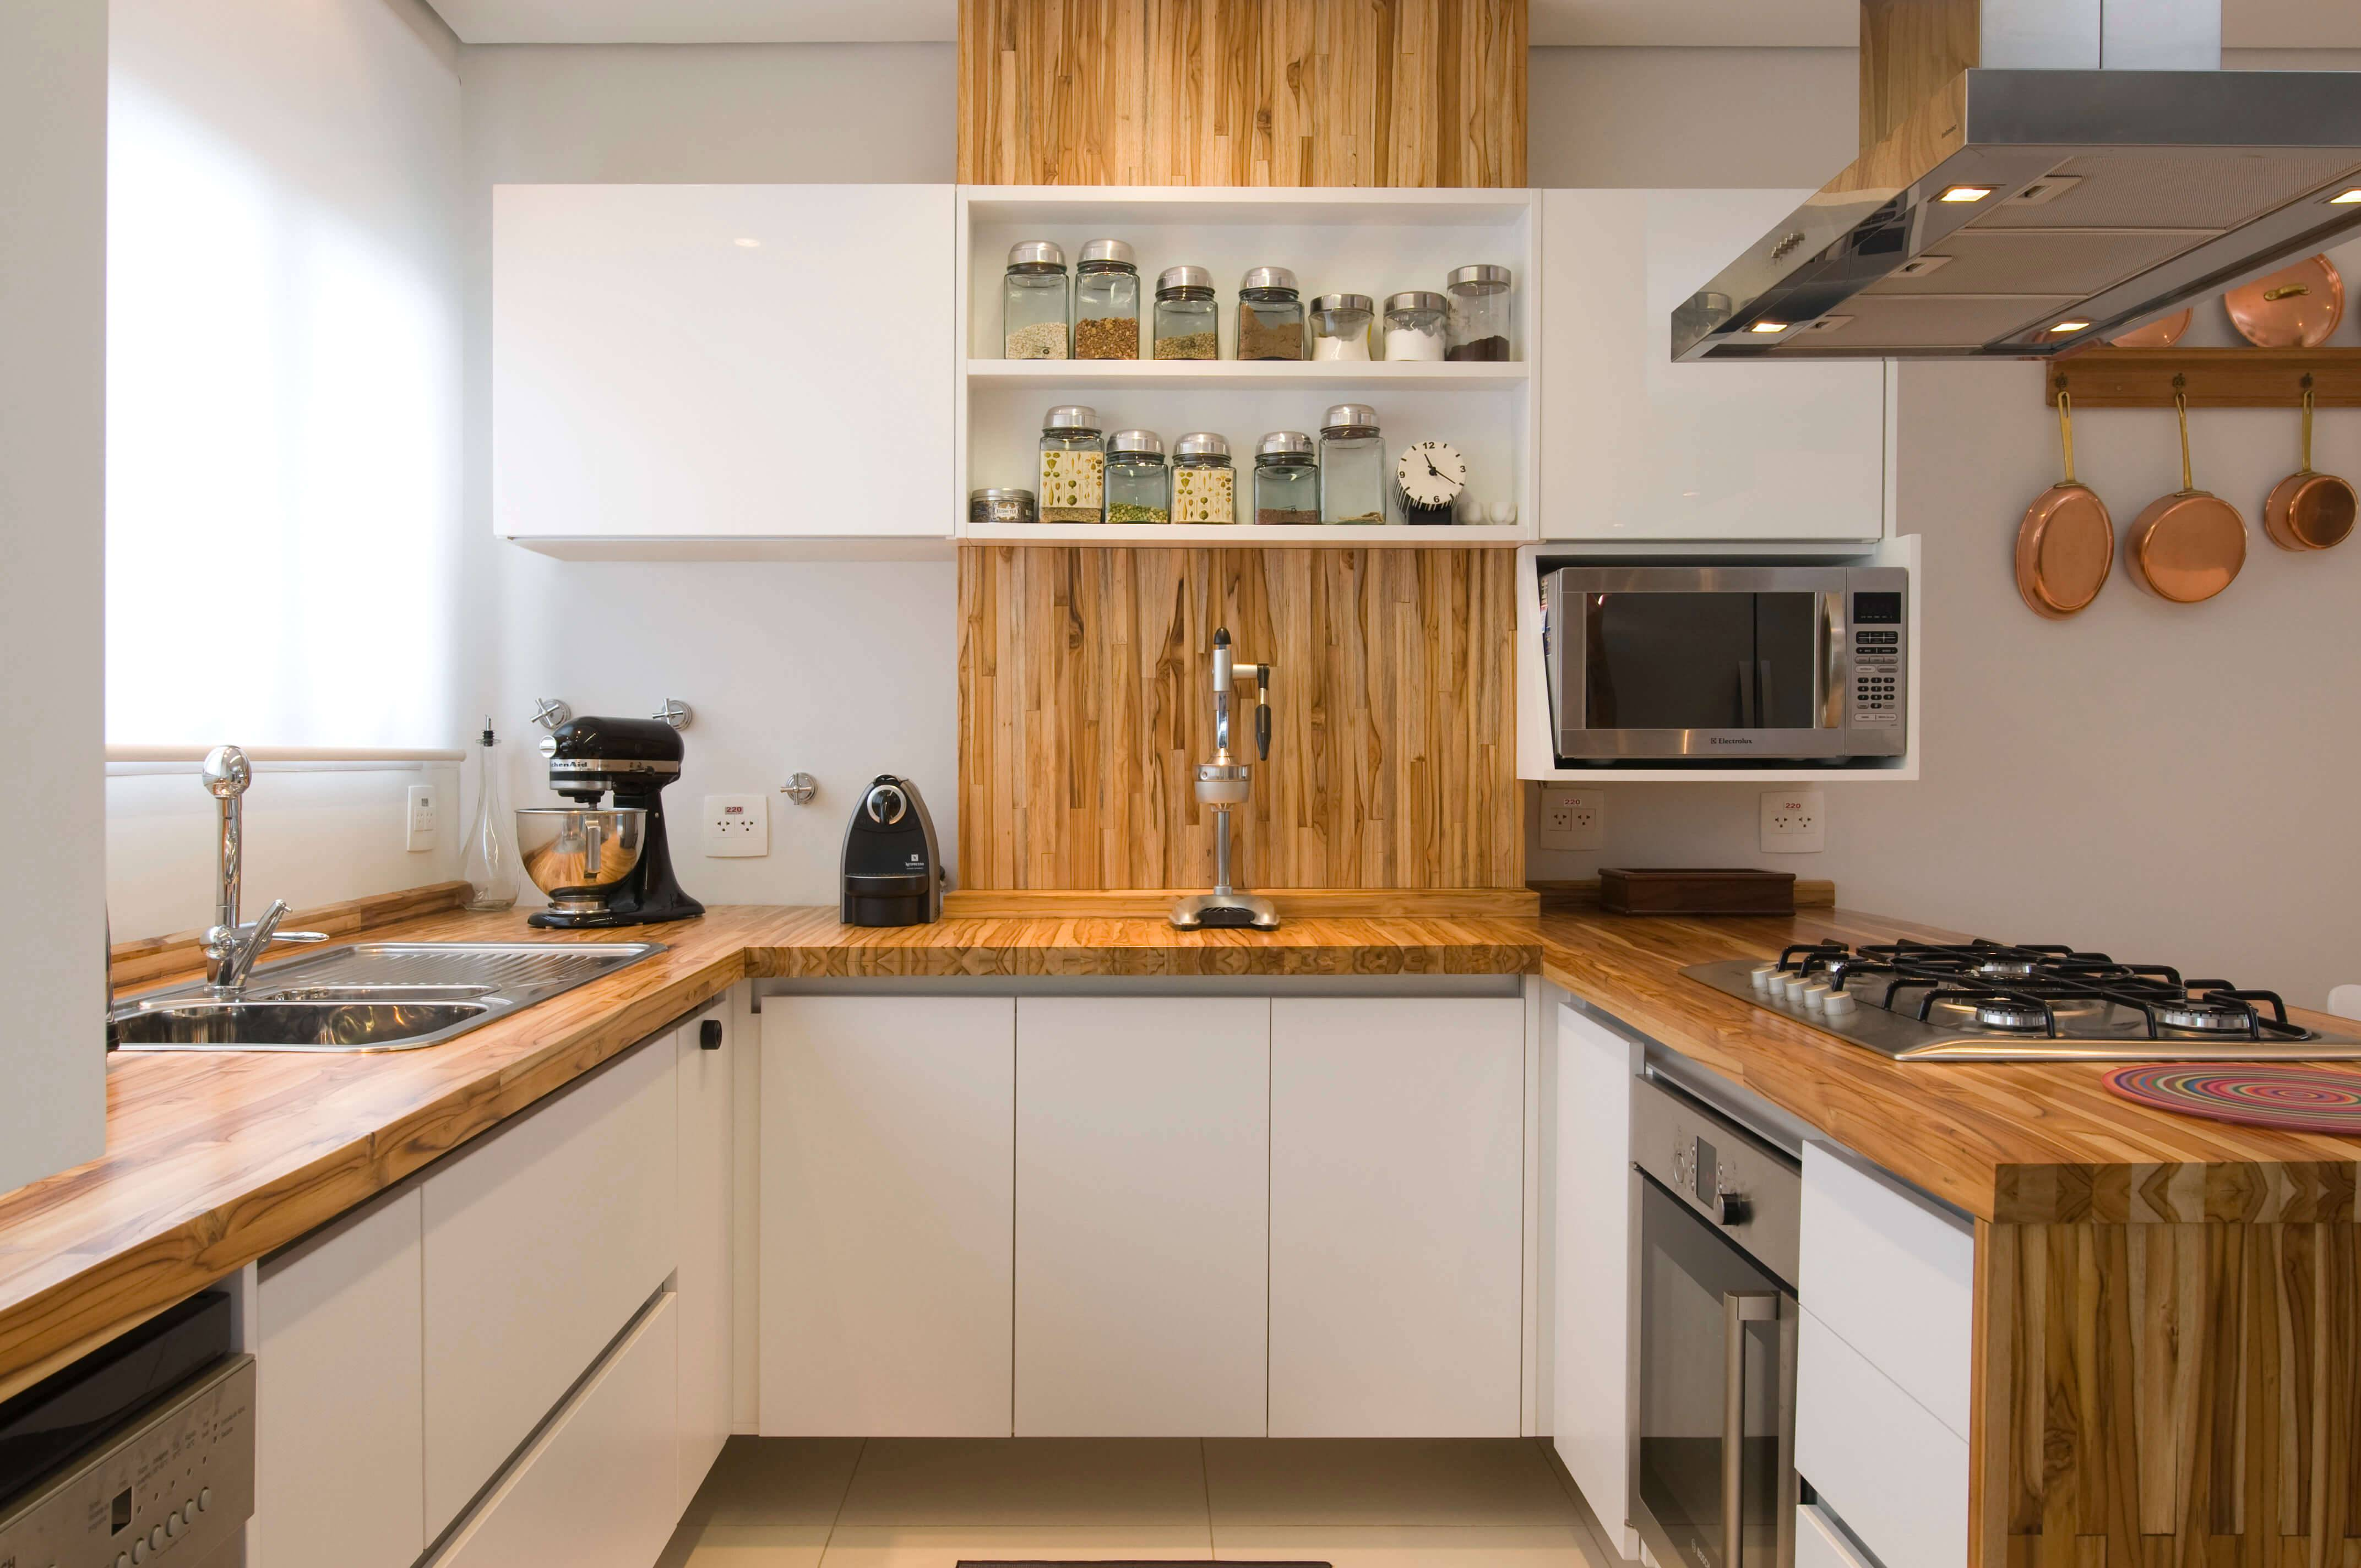 Cozinhas Modernas: 8 Dicas para Deixá la Sensacional #986533 4288 2848